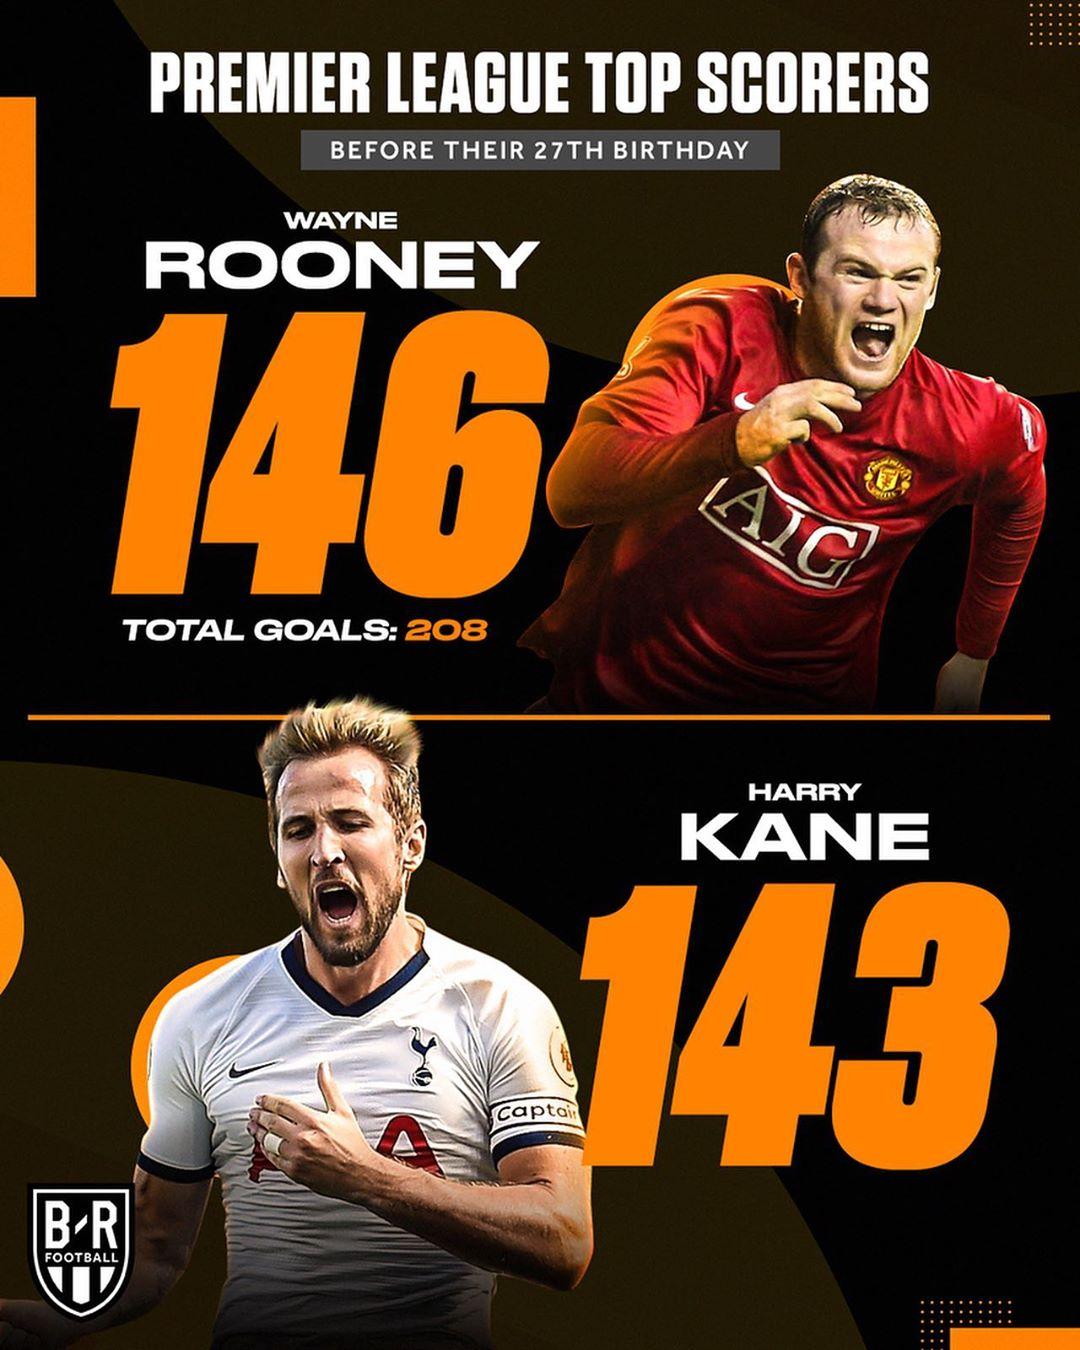 B/R : 哈里凯恩即将成为英超联赛进球传奇, 他今年才27岁。  足球话题区